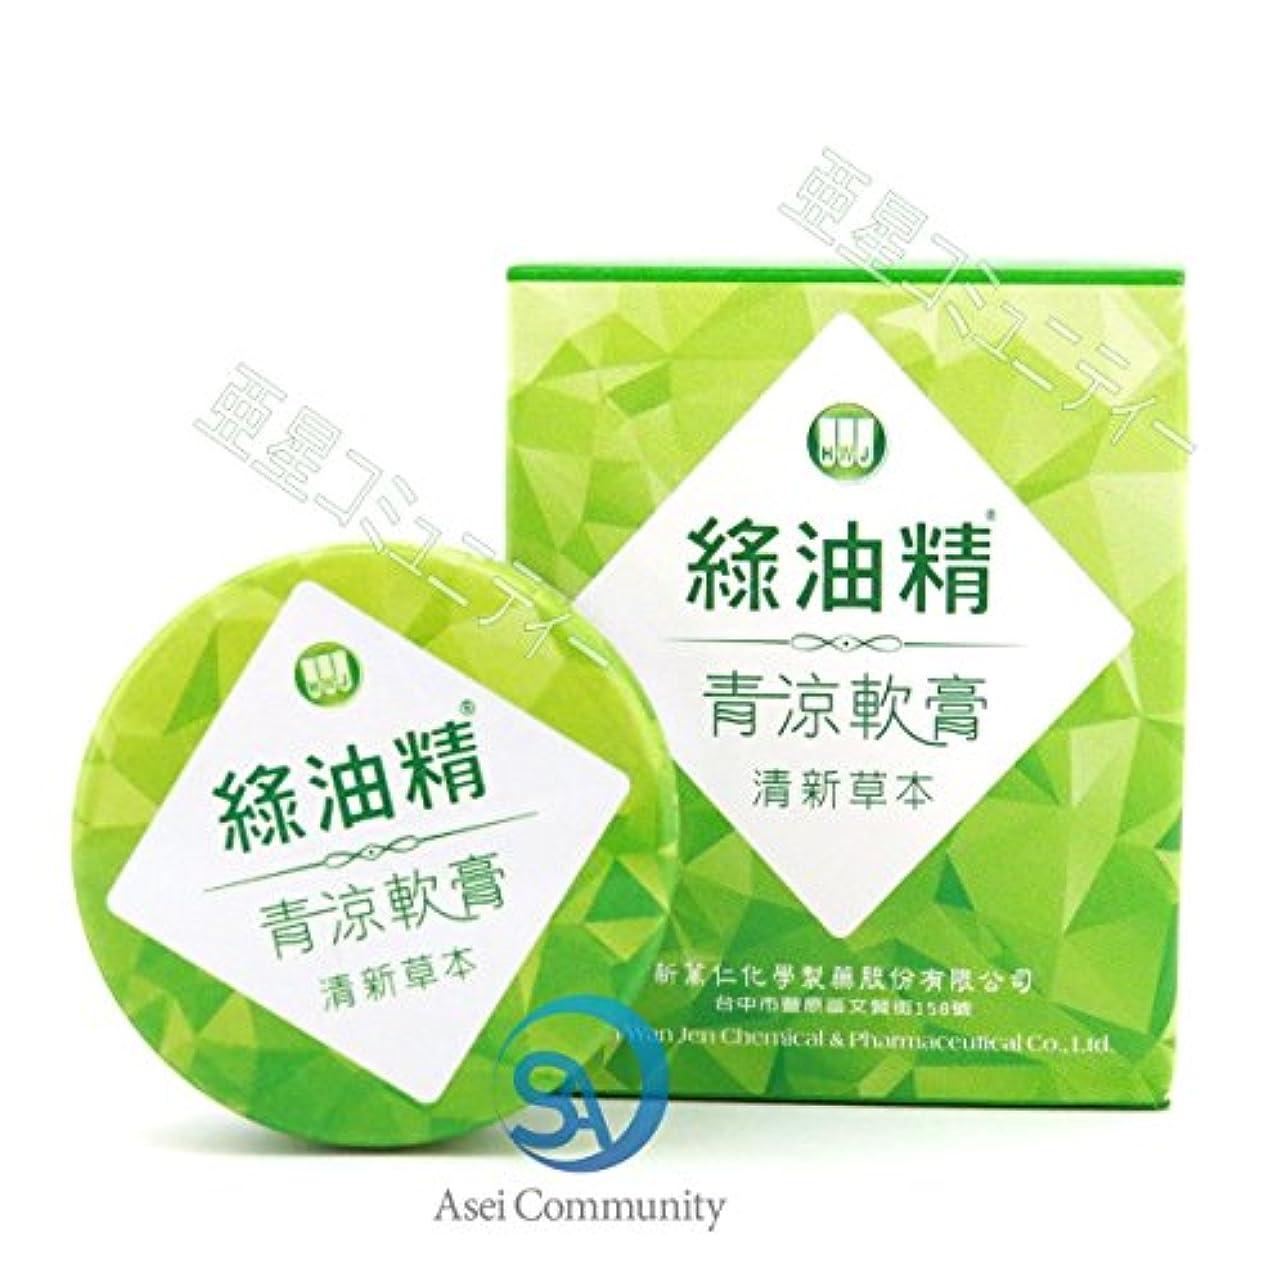 提案する思い出させる成長台湾純正版 新萬仁 緑油精 軟膏タイプ 13g [並行輸入品]